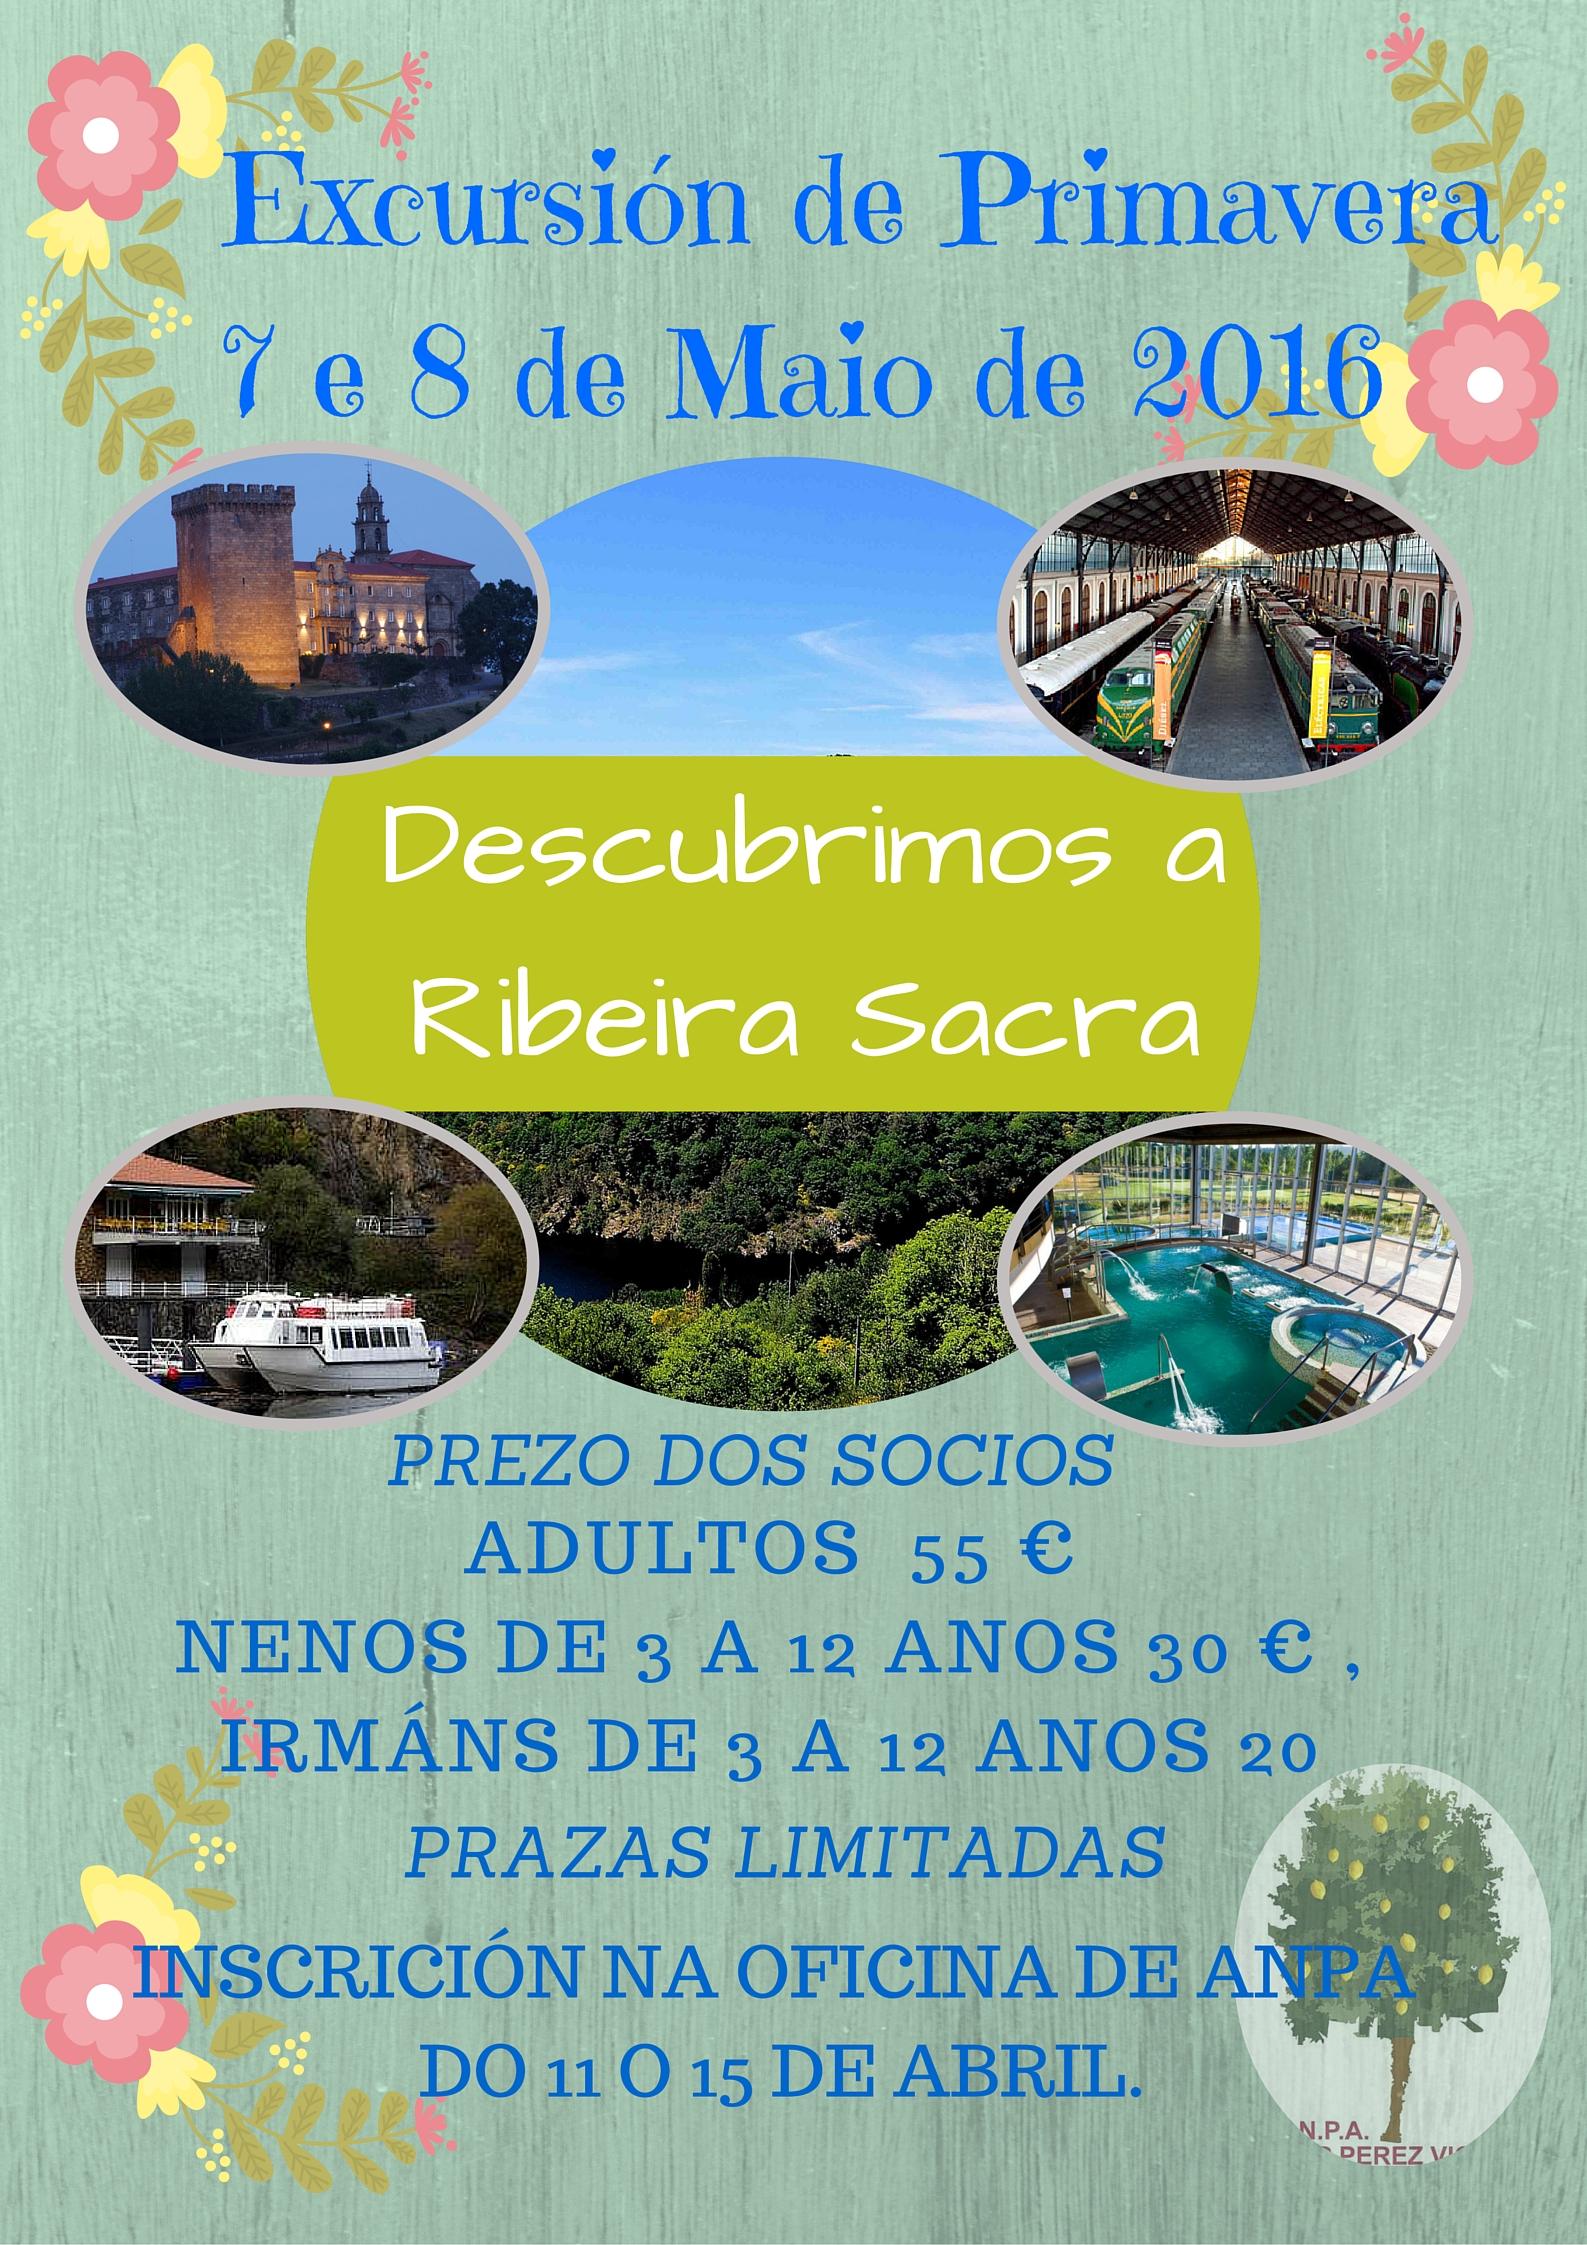 Excursión de Primavera7 e 8 de Maio de 2016 (1)